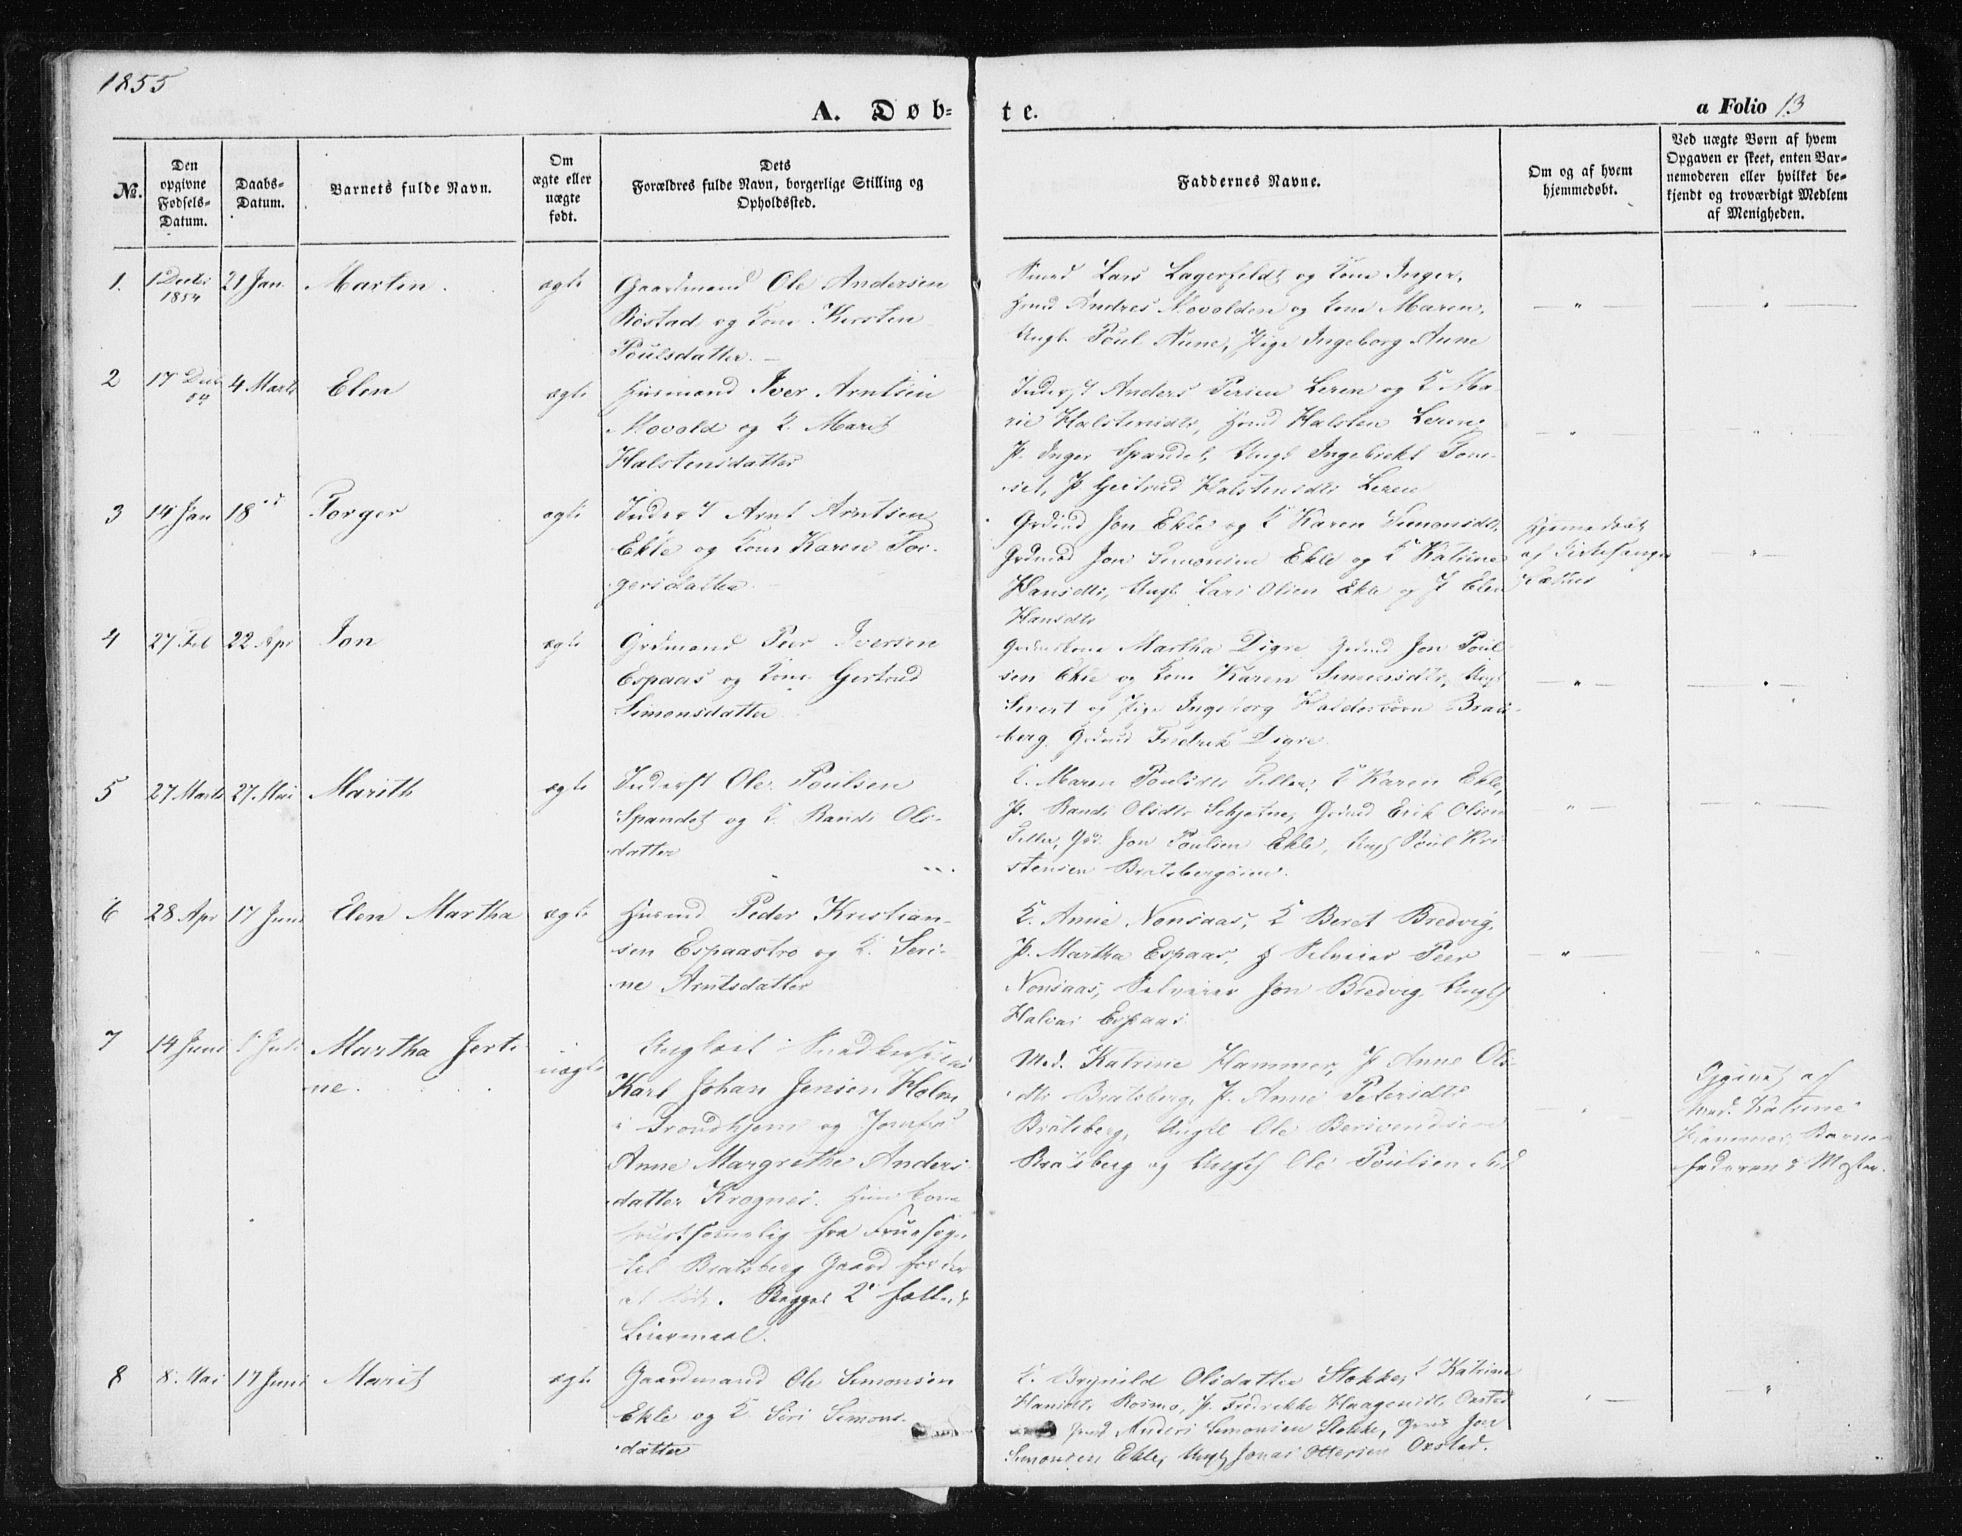 SAT, Ministerialprotokoller, klokkerbøker og fødselsregistre - Sør-Trøndelag, 608/L0332: Ministerialbok nr. 608A01, 1848-1861, s. 13